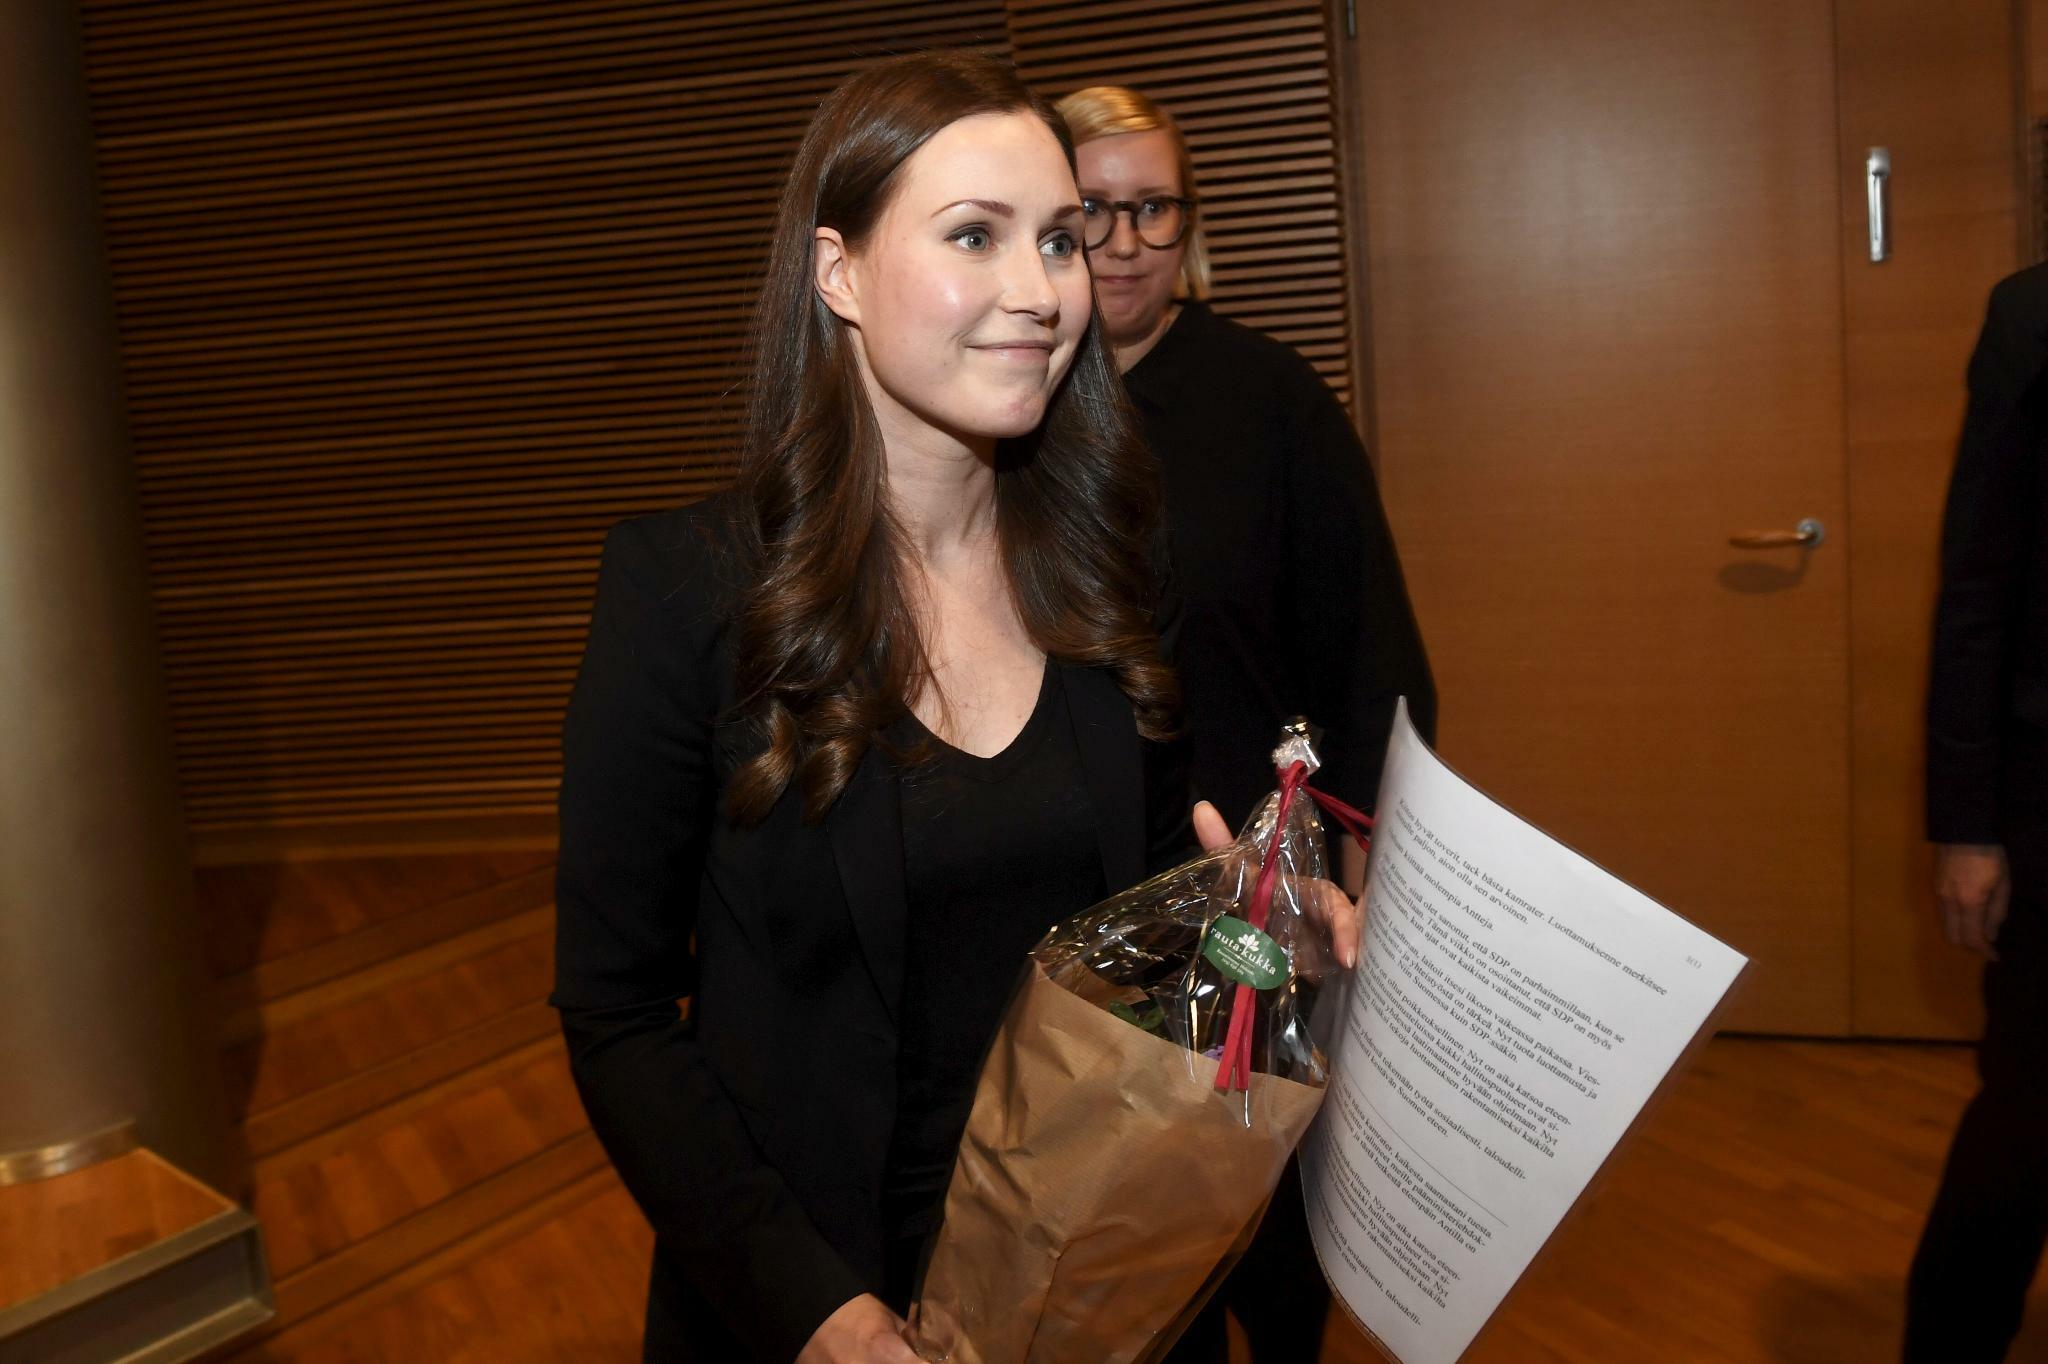 Finnland: Sozialdemokraten wählen Marin als Ministerpräsidentin aus